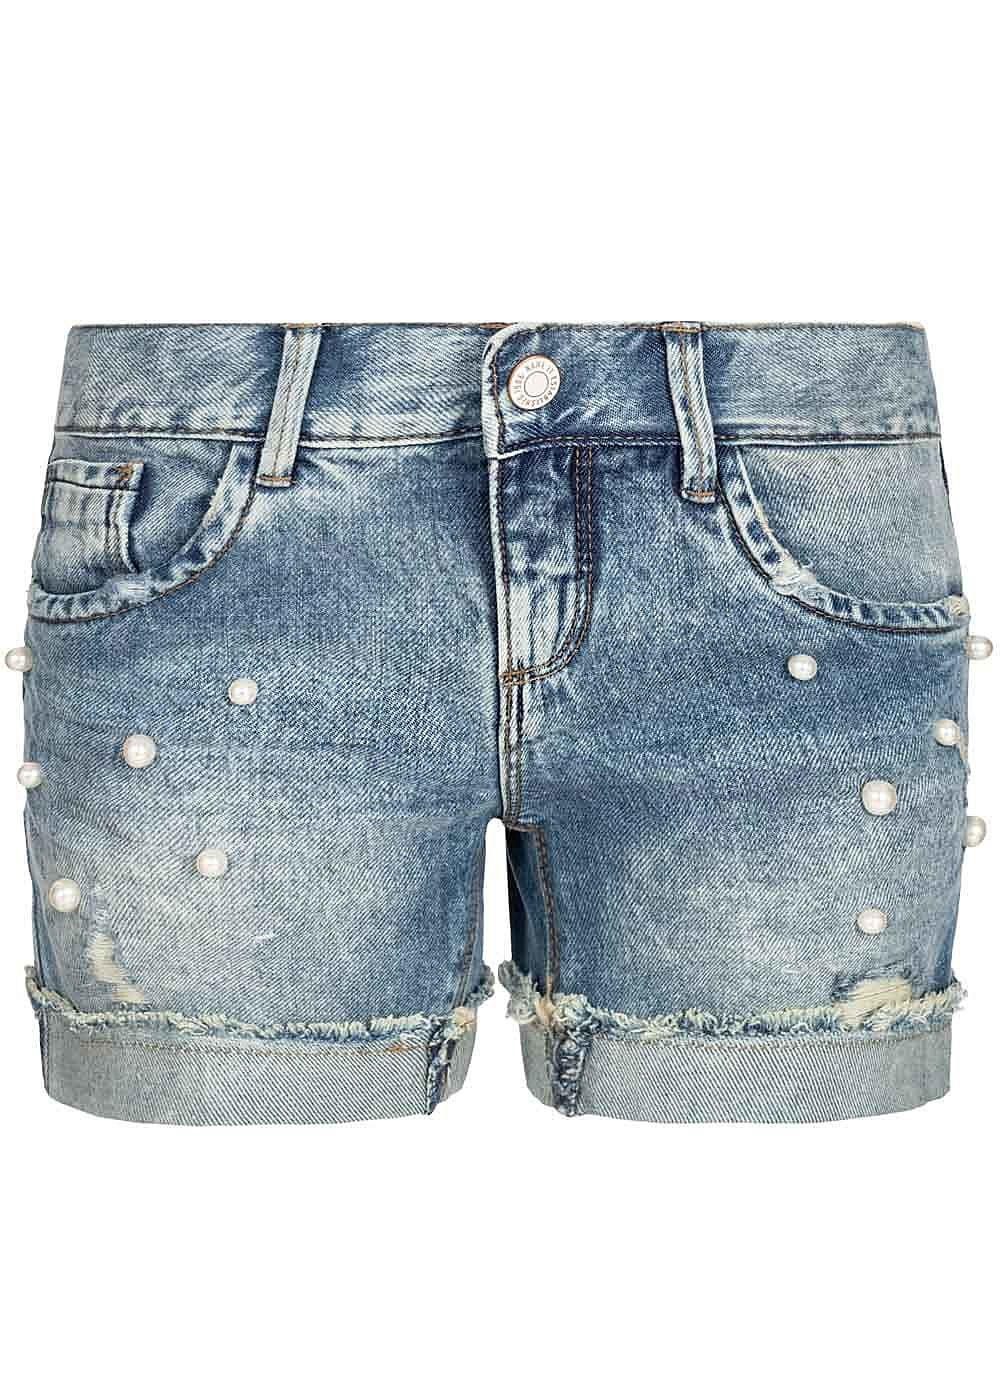 Outlet zu verkaufen sehen begrenzter Stil Name It Kids Mädchen Jeans Shorts Deco Pearls 5-Pockets NOOS hell blau denim